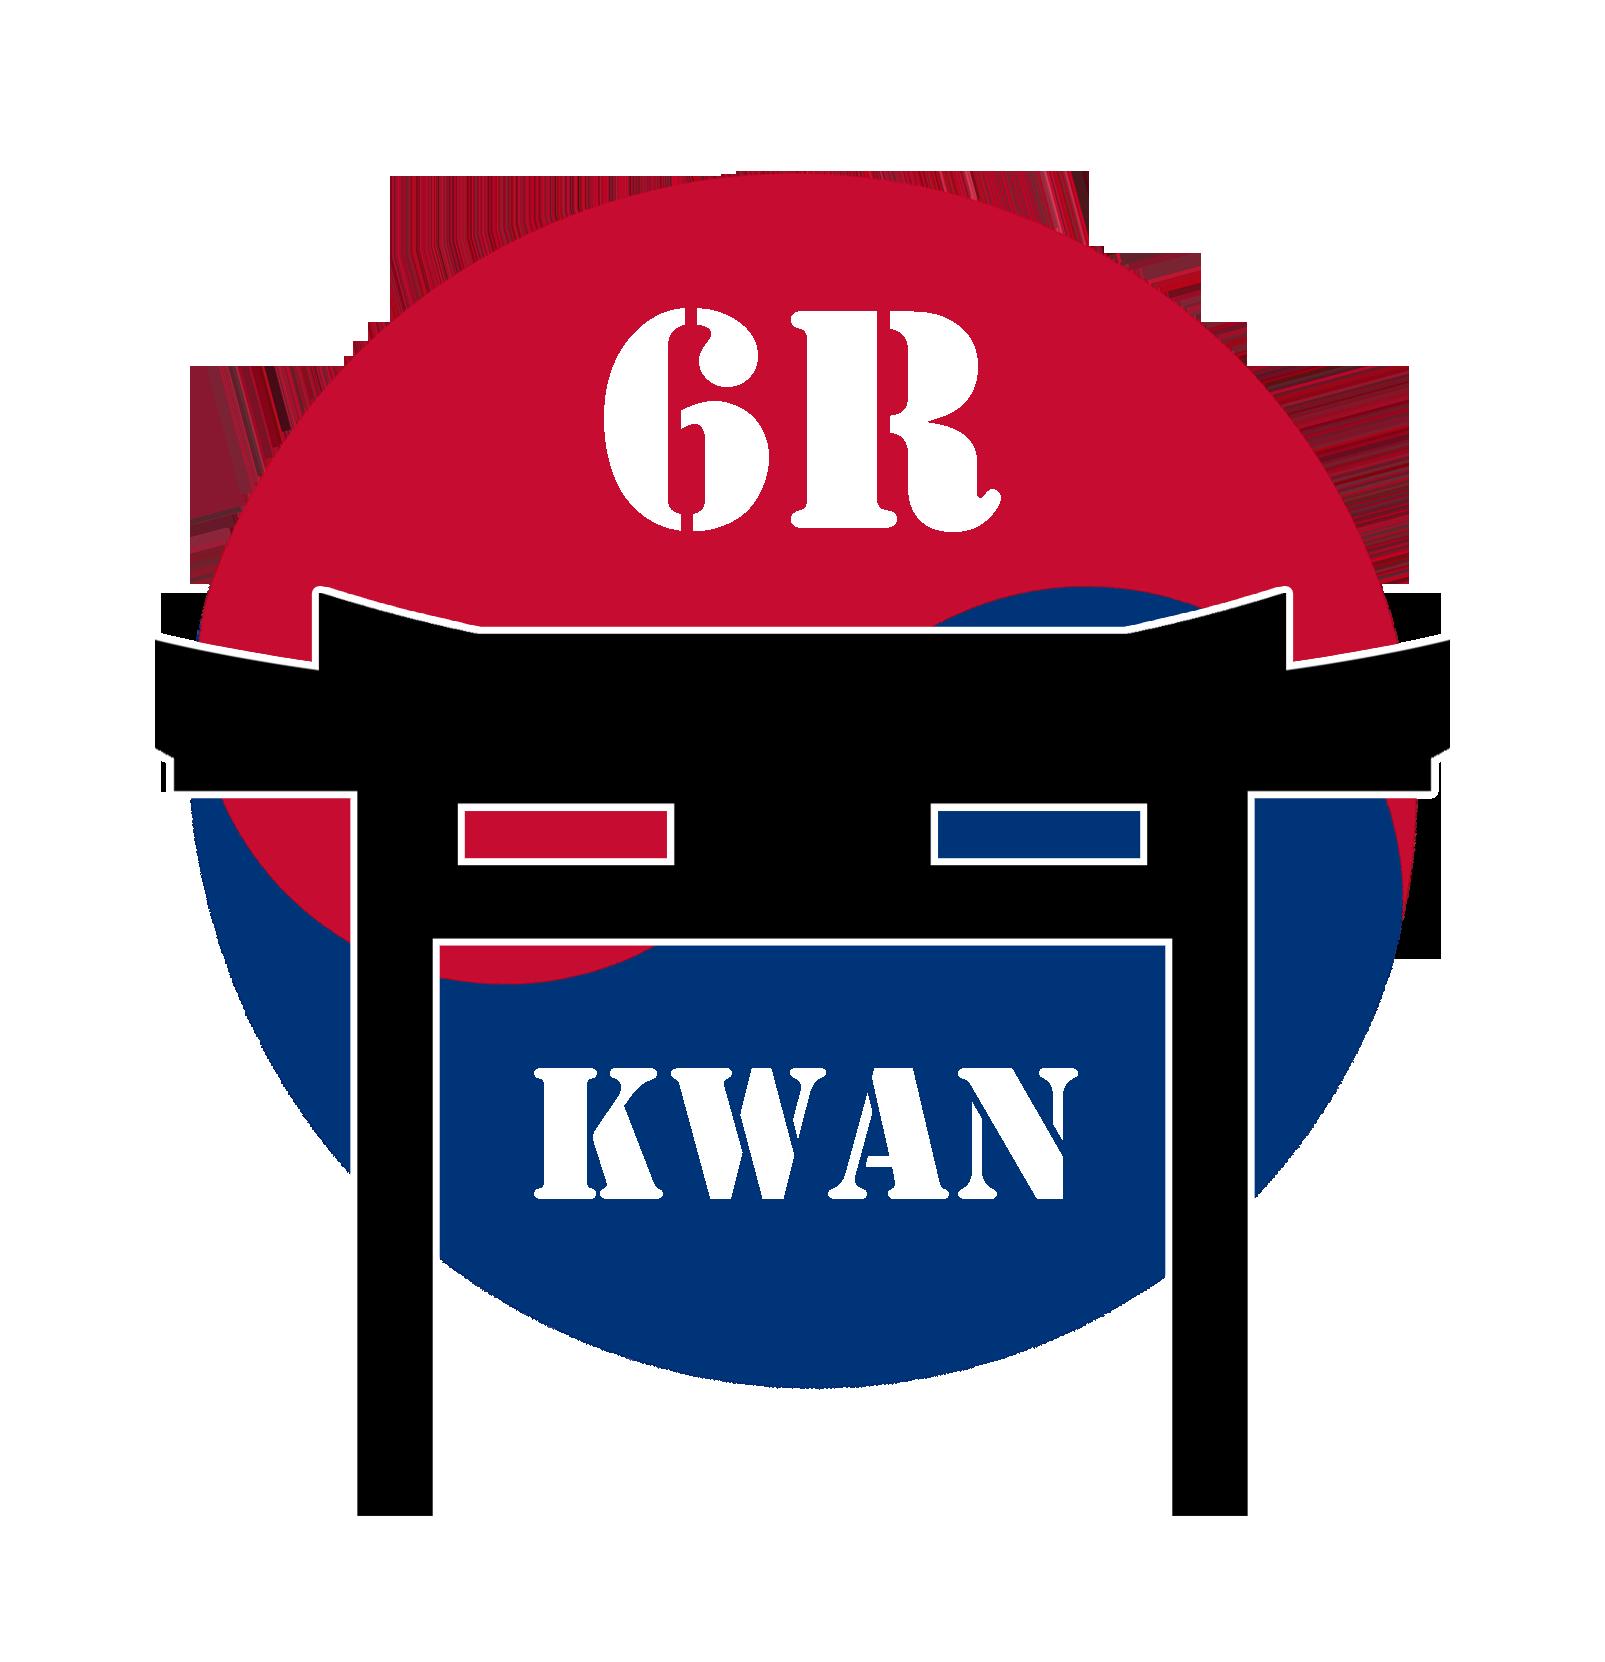 6R Kwan - Logo